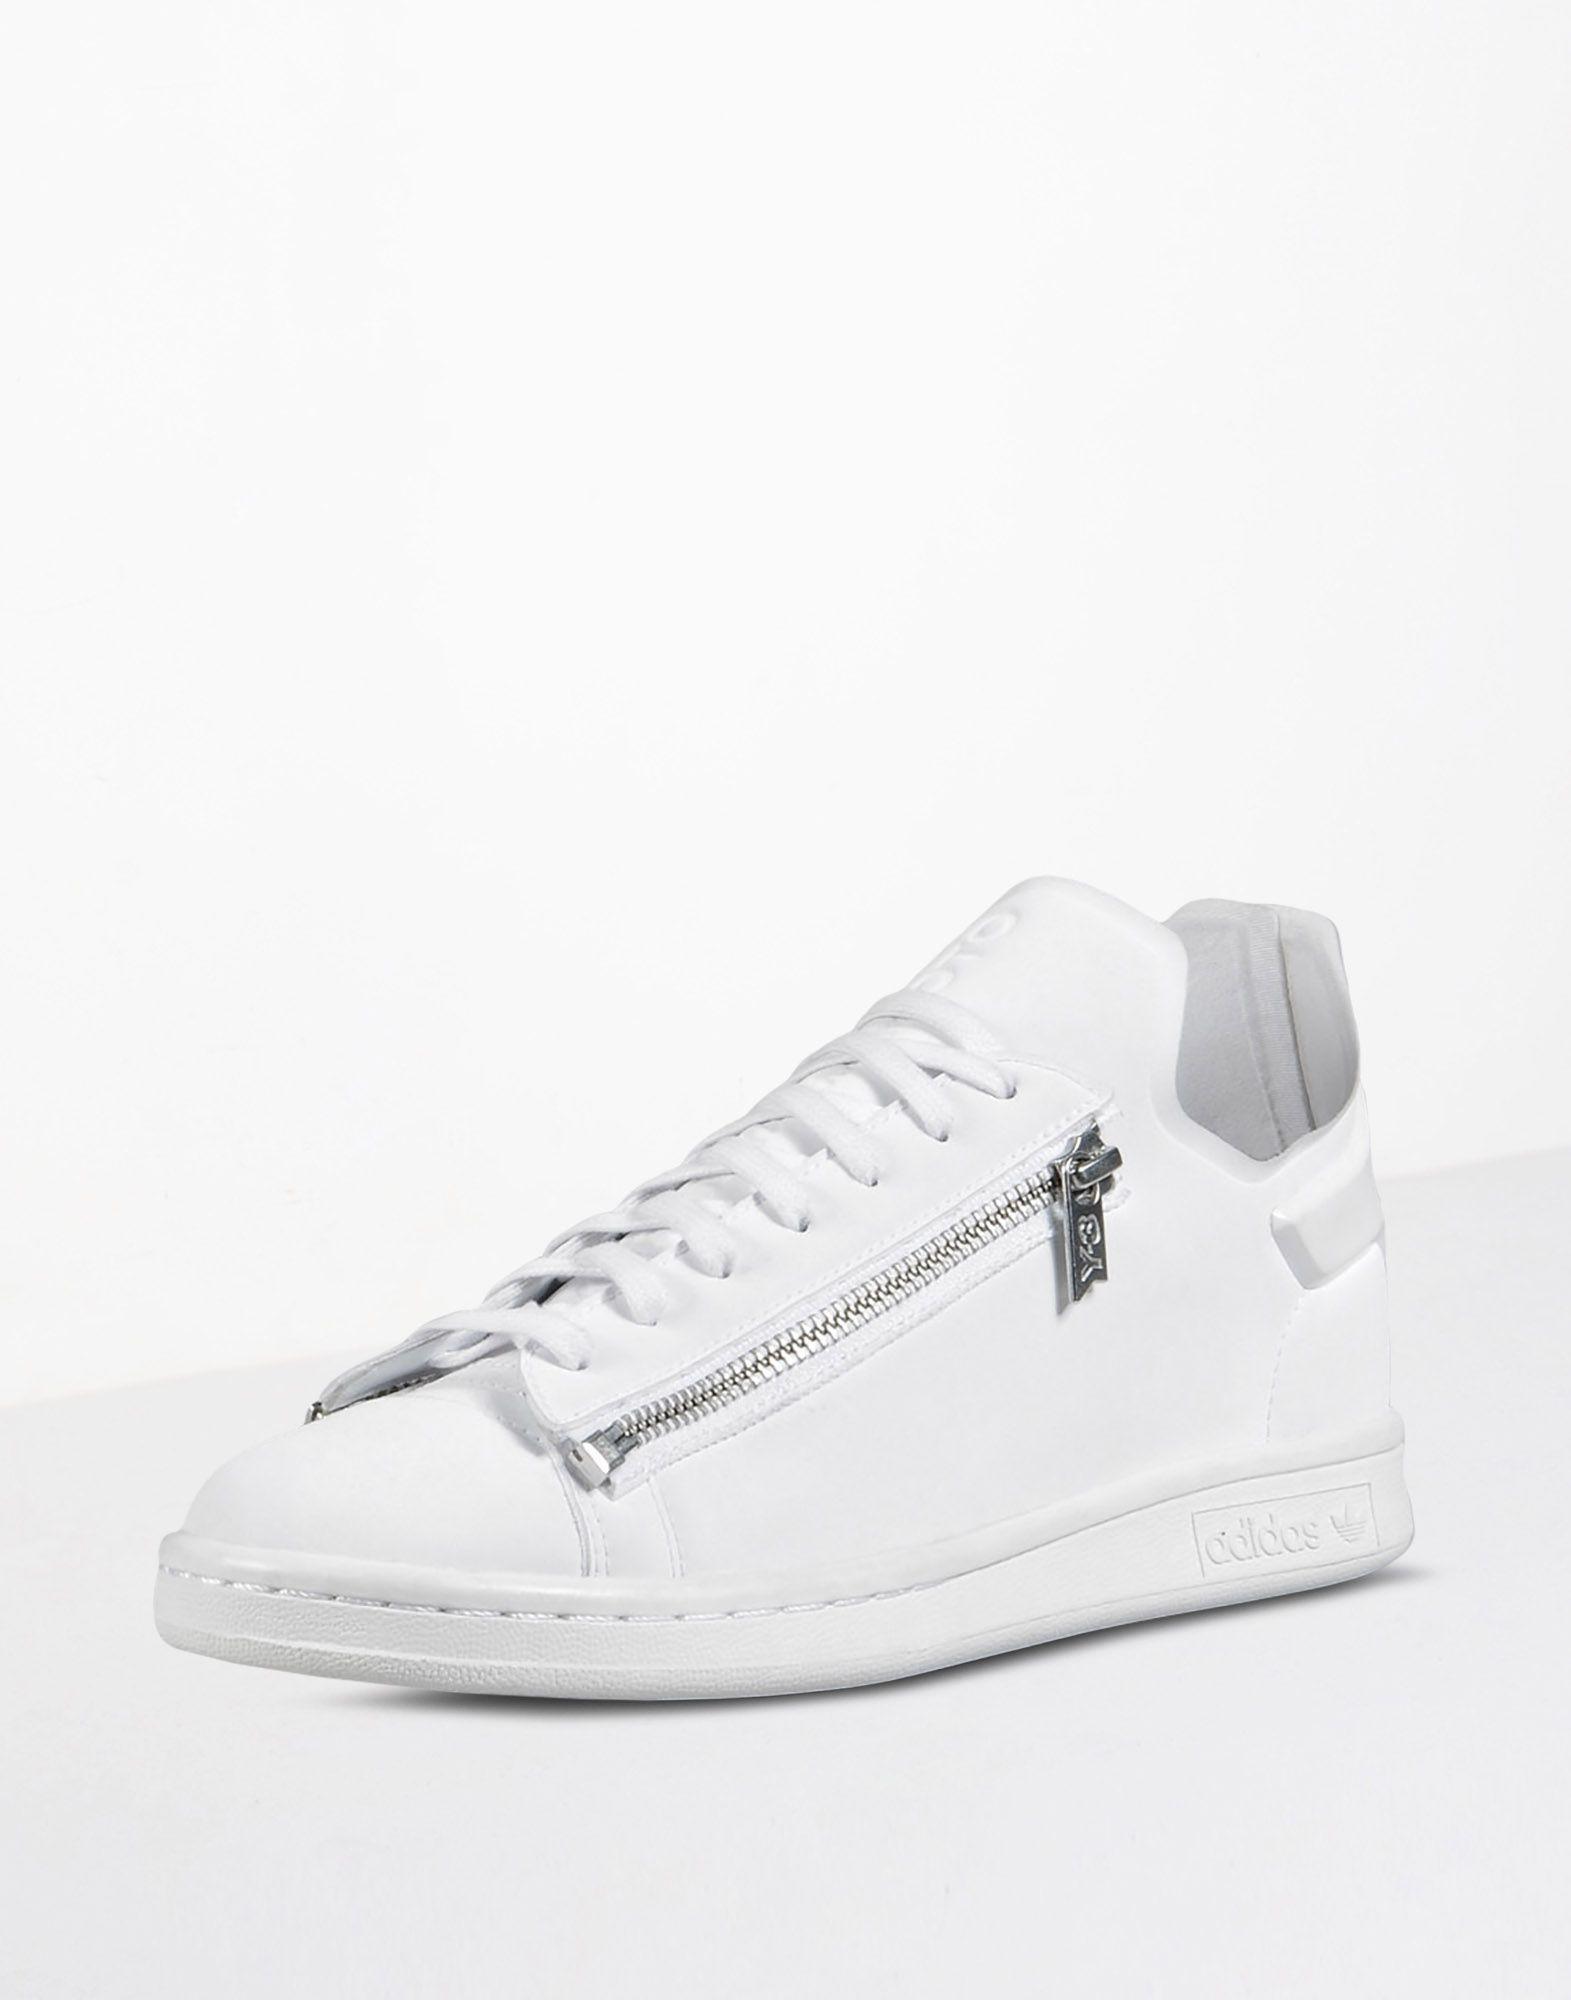 c21dd8ed7 Y-3 STAN ZIP Shoes unisex Y-3 adidas